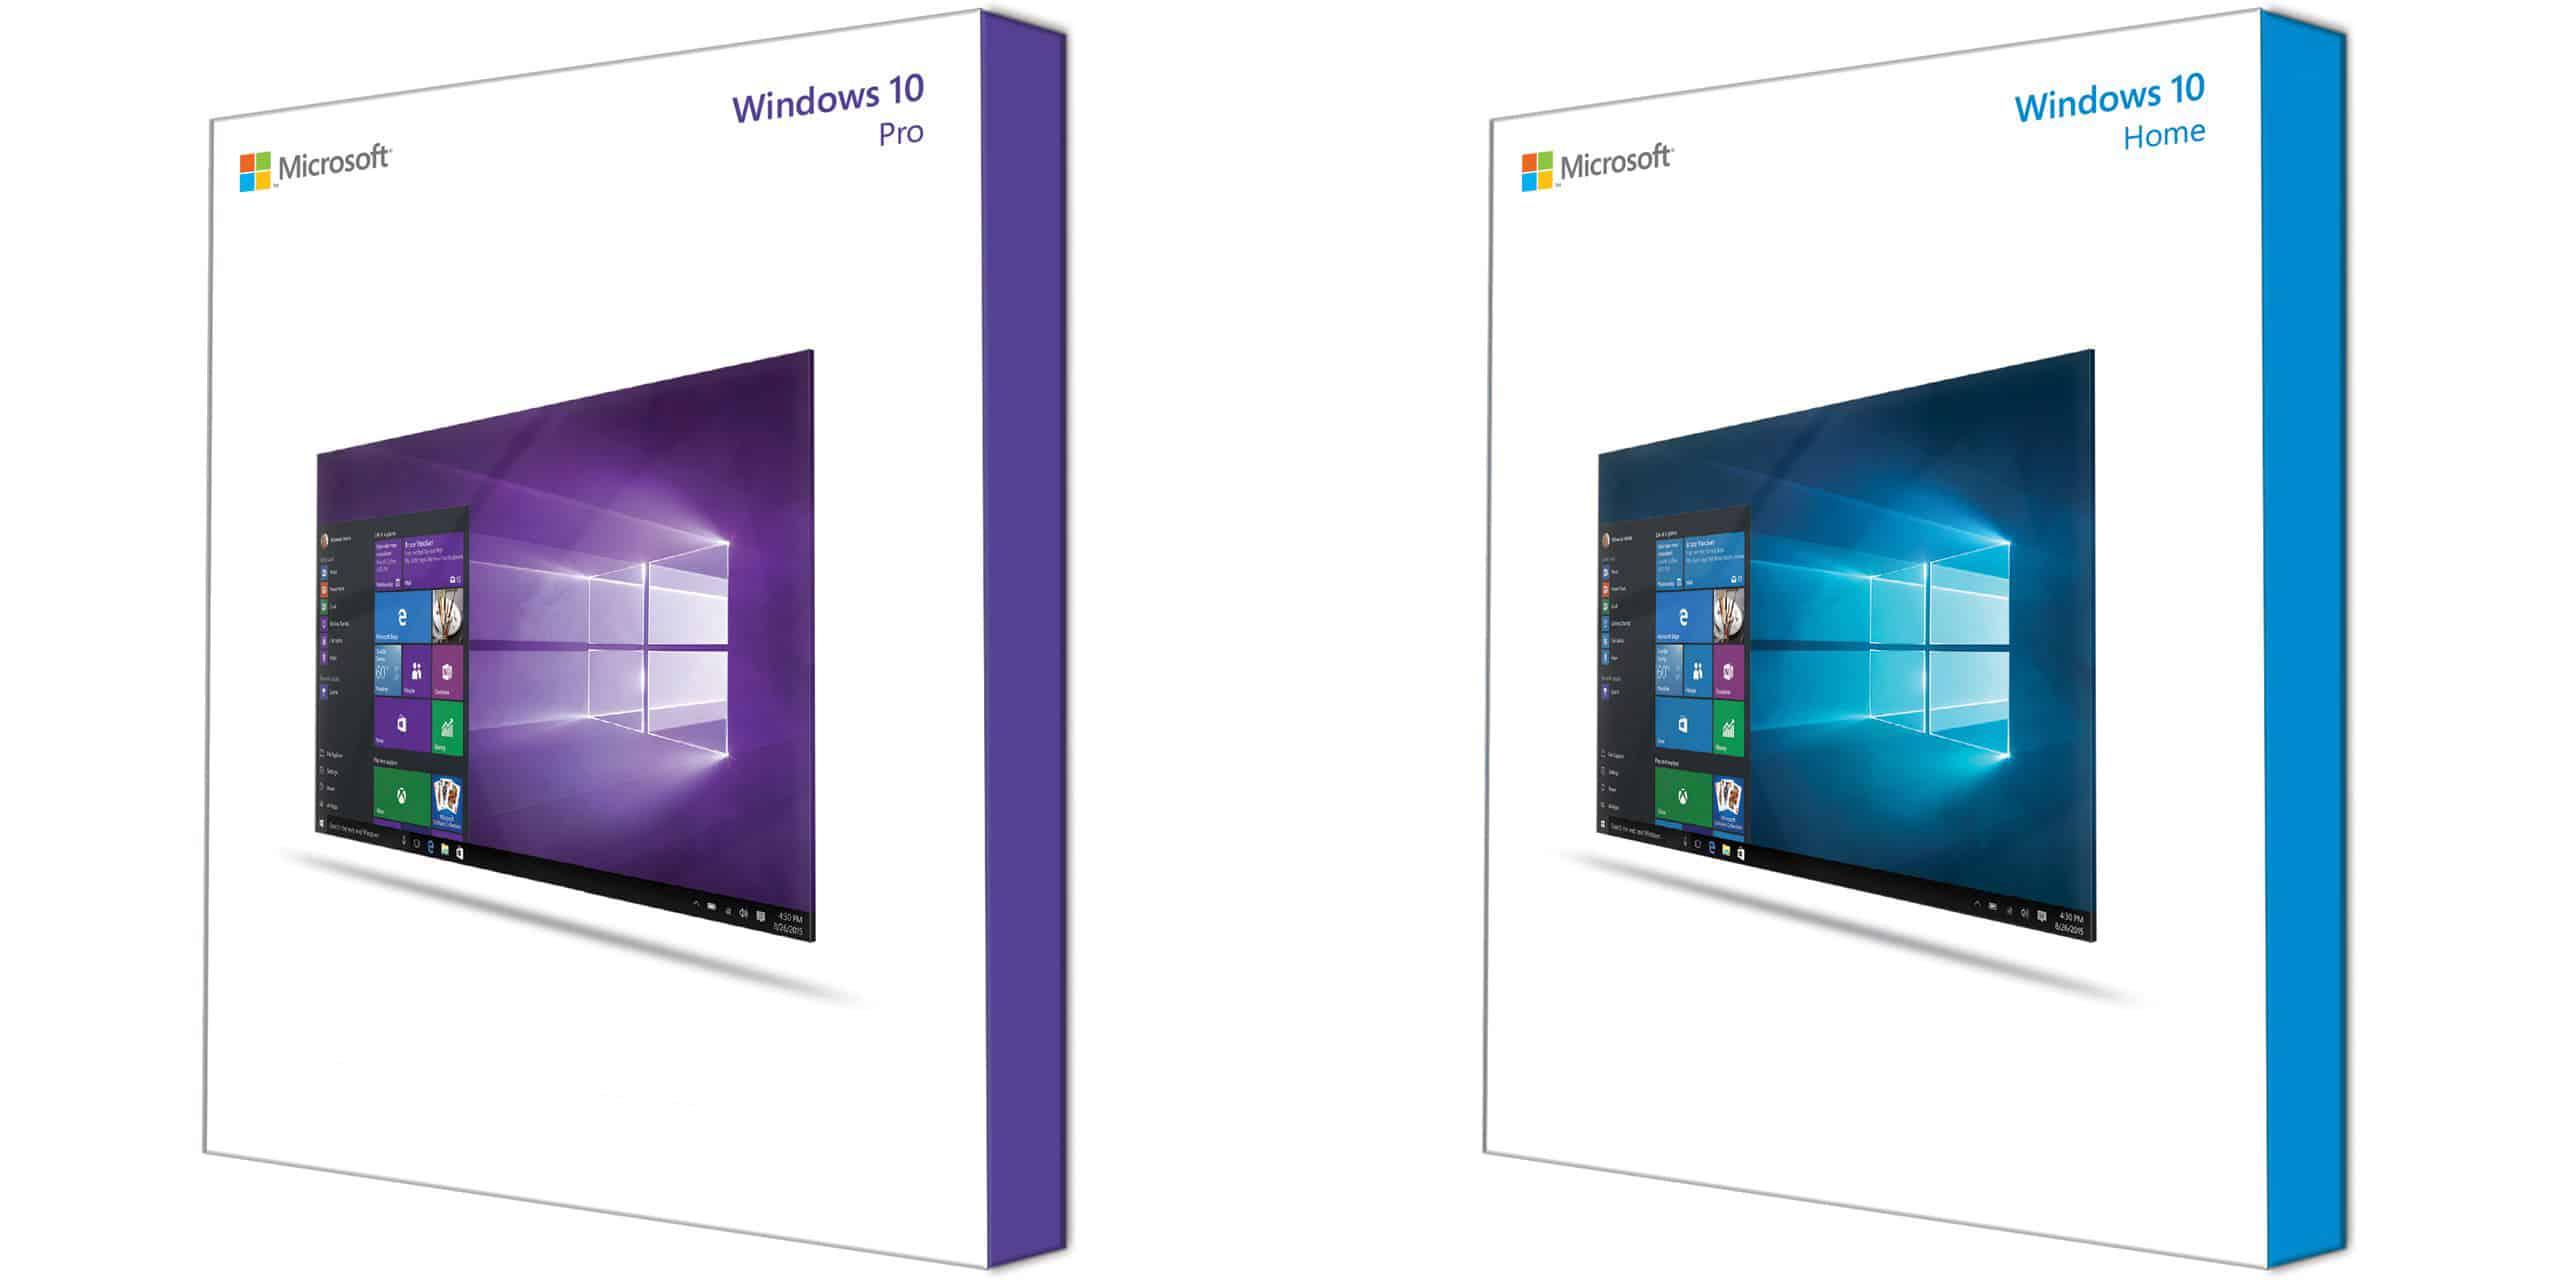 Windows-10-Box-005 ضحكة تقنية: وكالة NSA اخترقت لينكس و آيفون و البقية